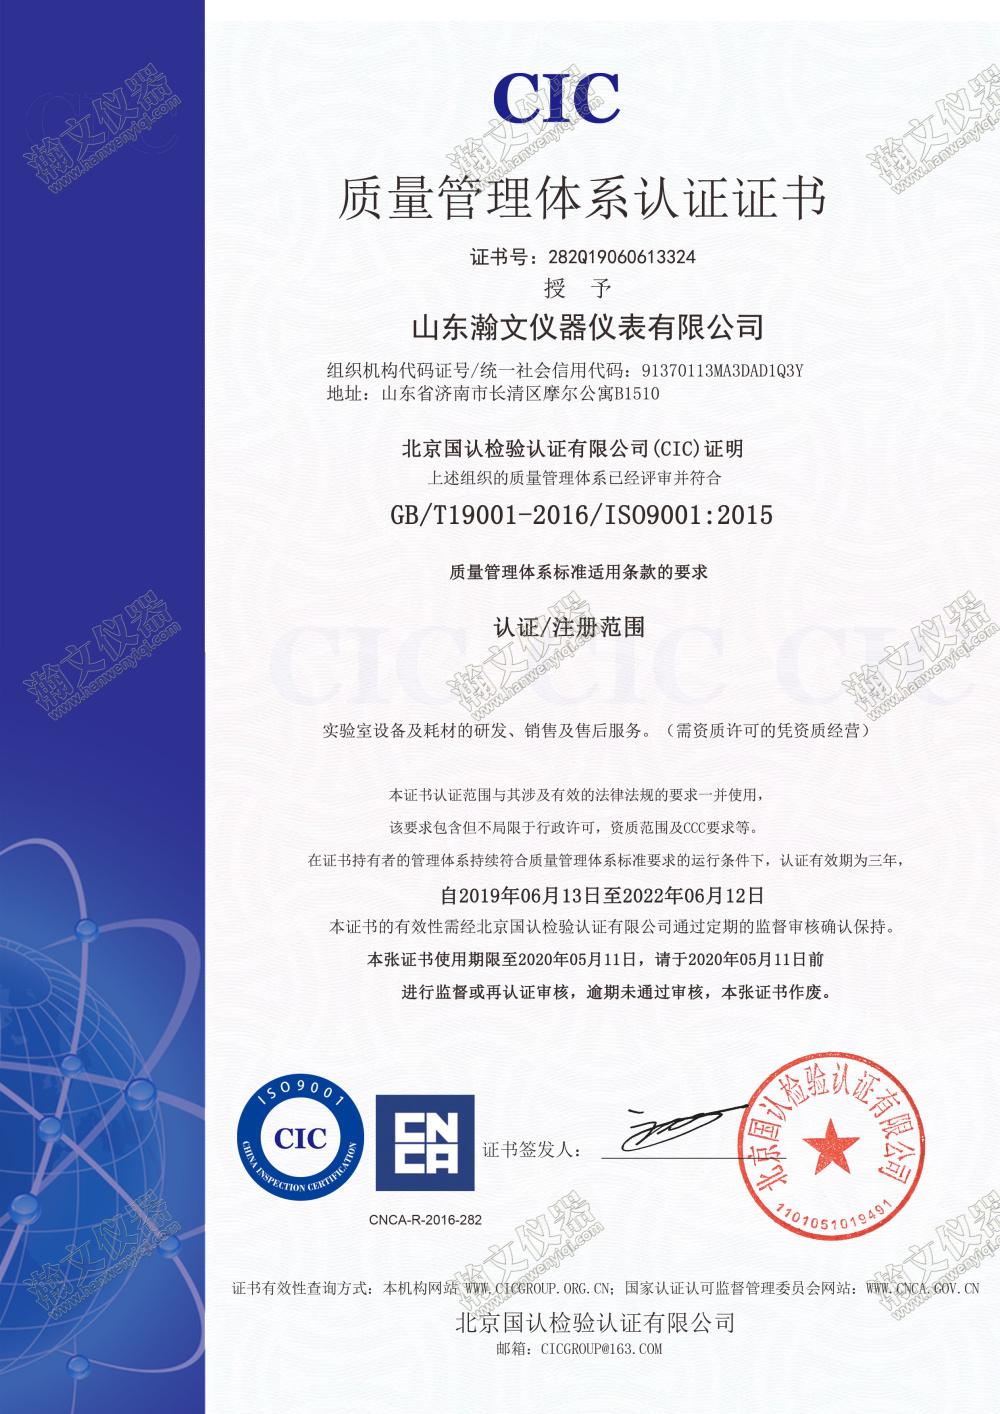 荣获ISO9001质量管理体系认证